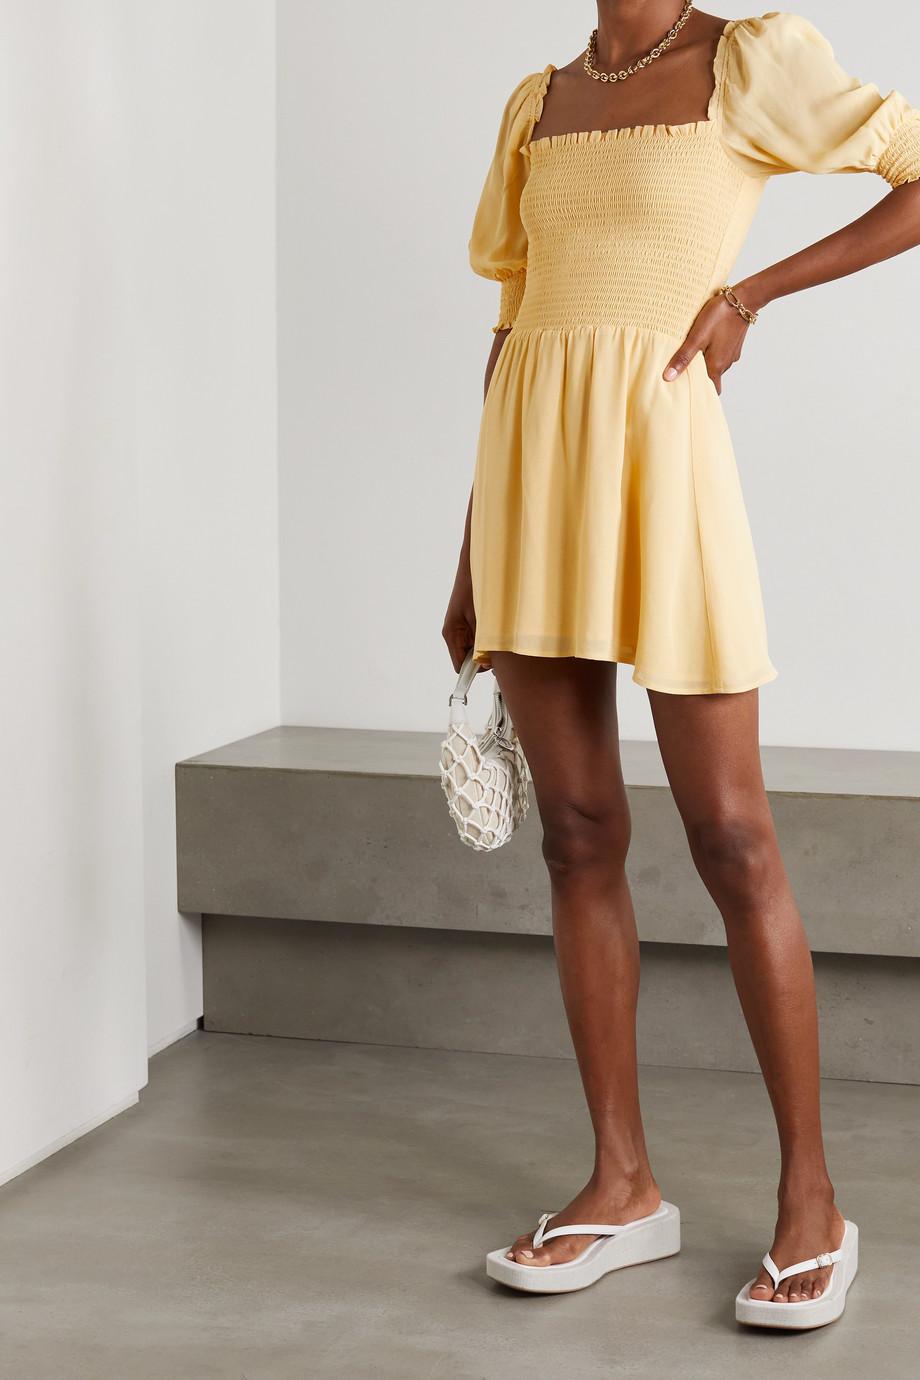 Reformation Elle Minikleid aus Crêpe mit Raffungen und Rüschen